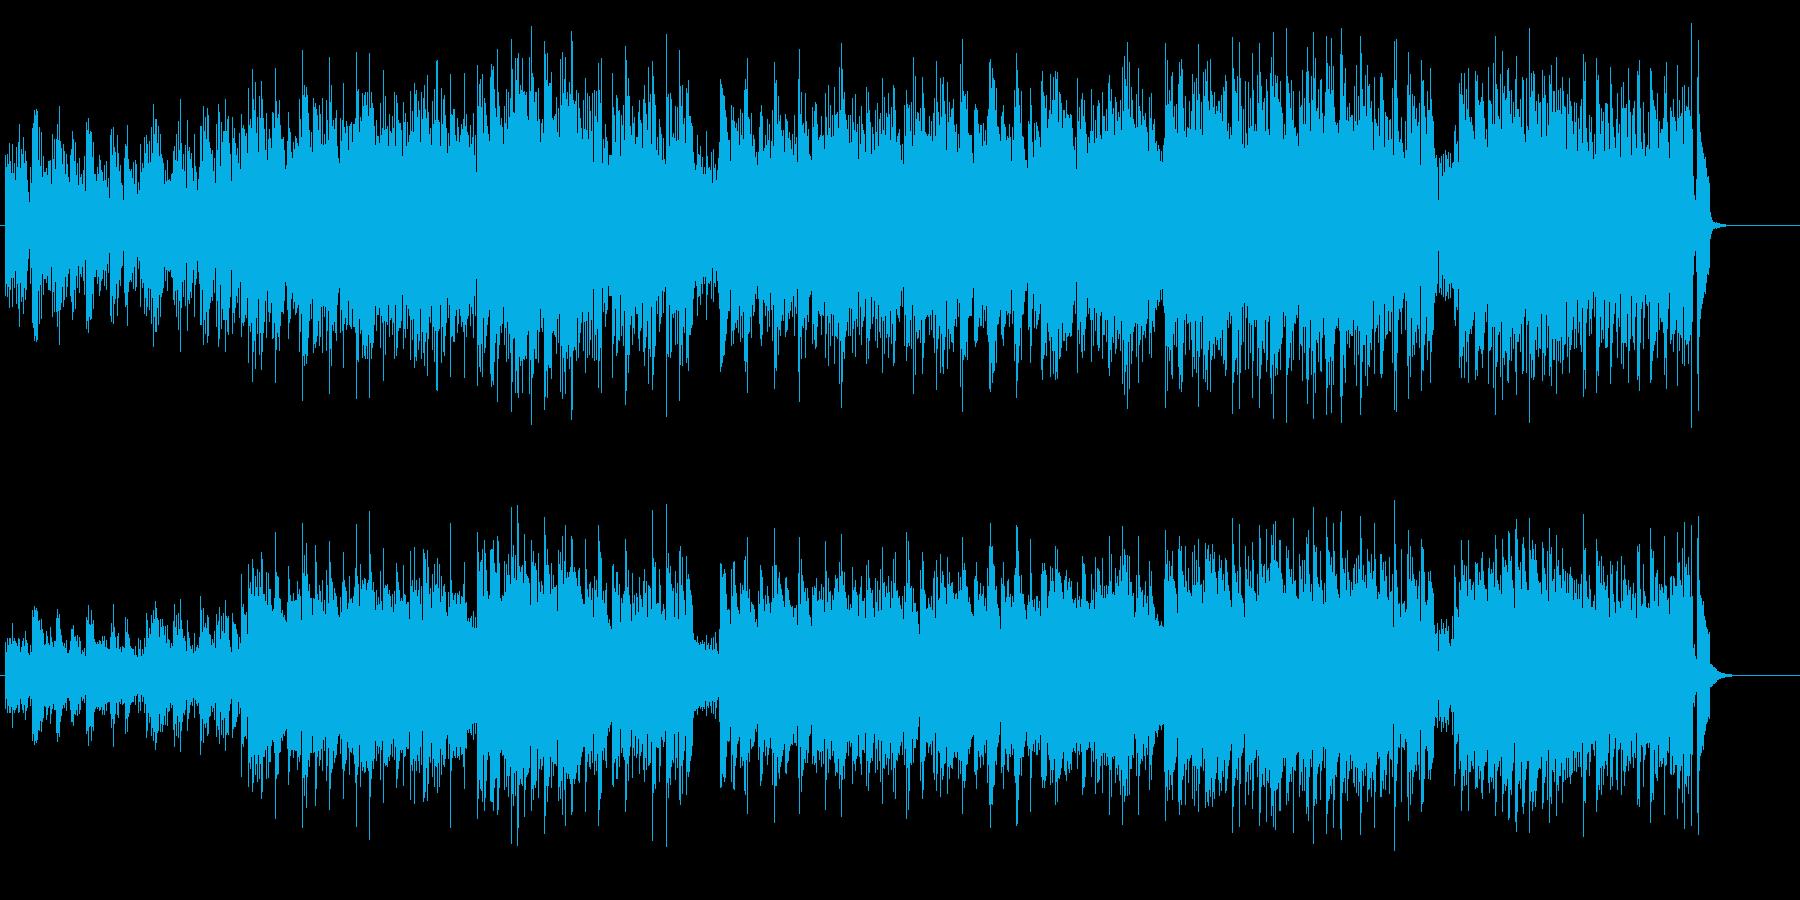 ムービー音楽風のせつないギターの調べの再生済みの波形